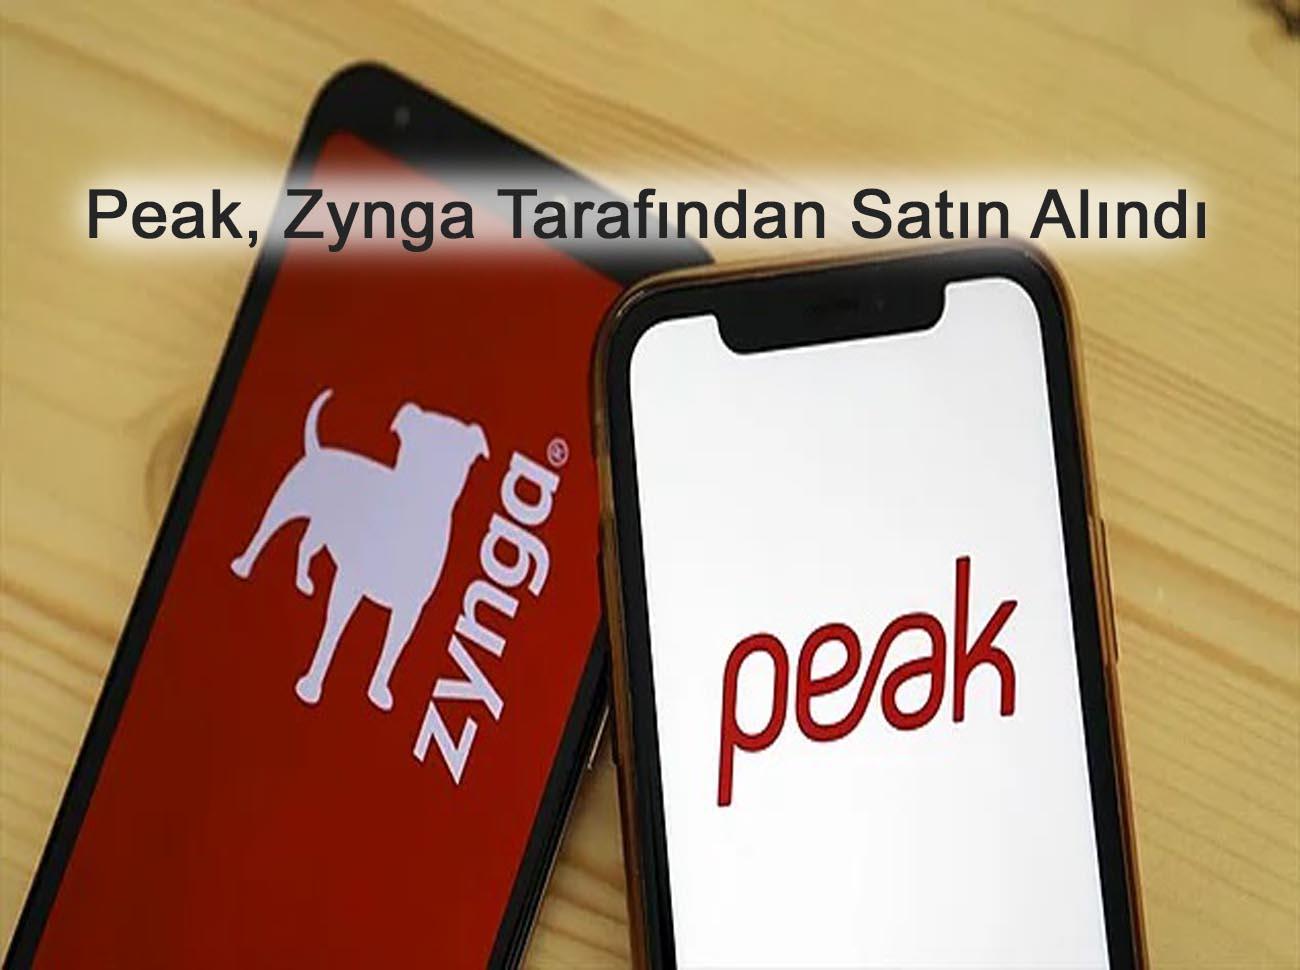 Peak, Zynga Tarafından 1,8 Milyar Dolara Satın Alındı